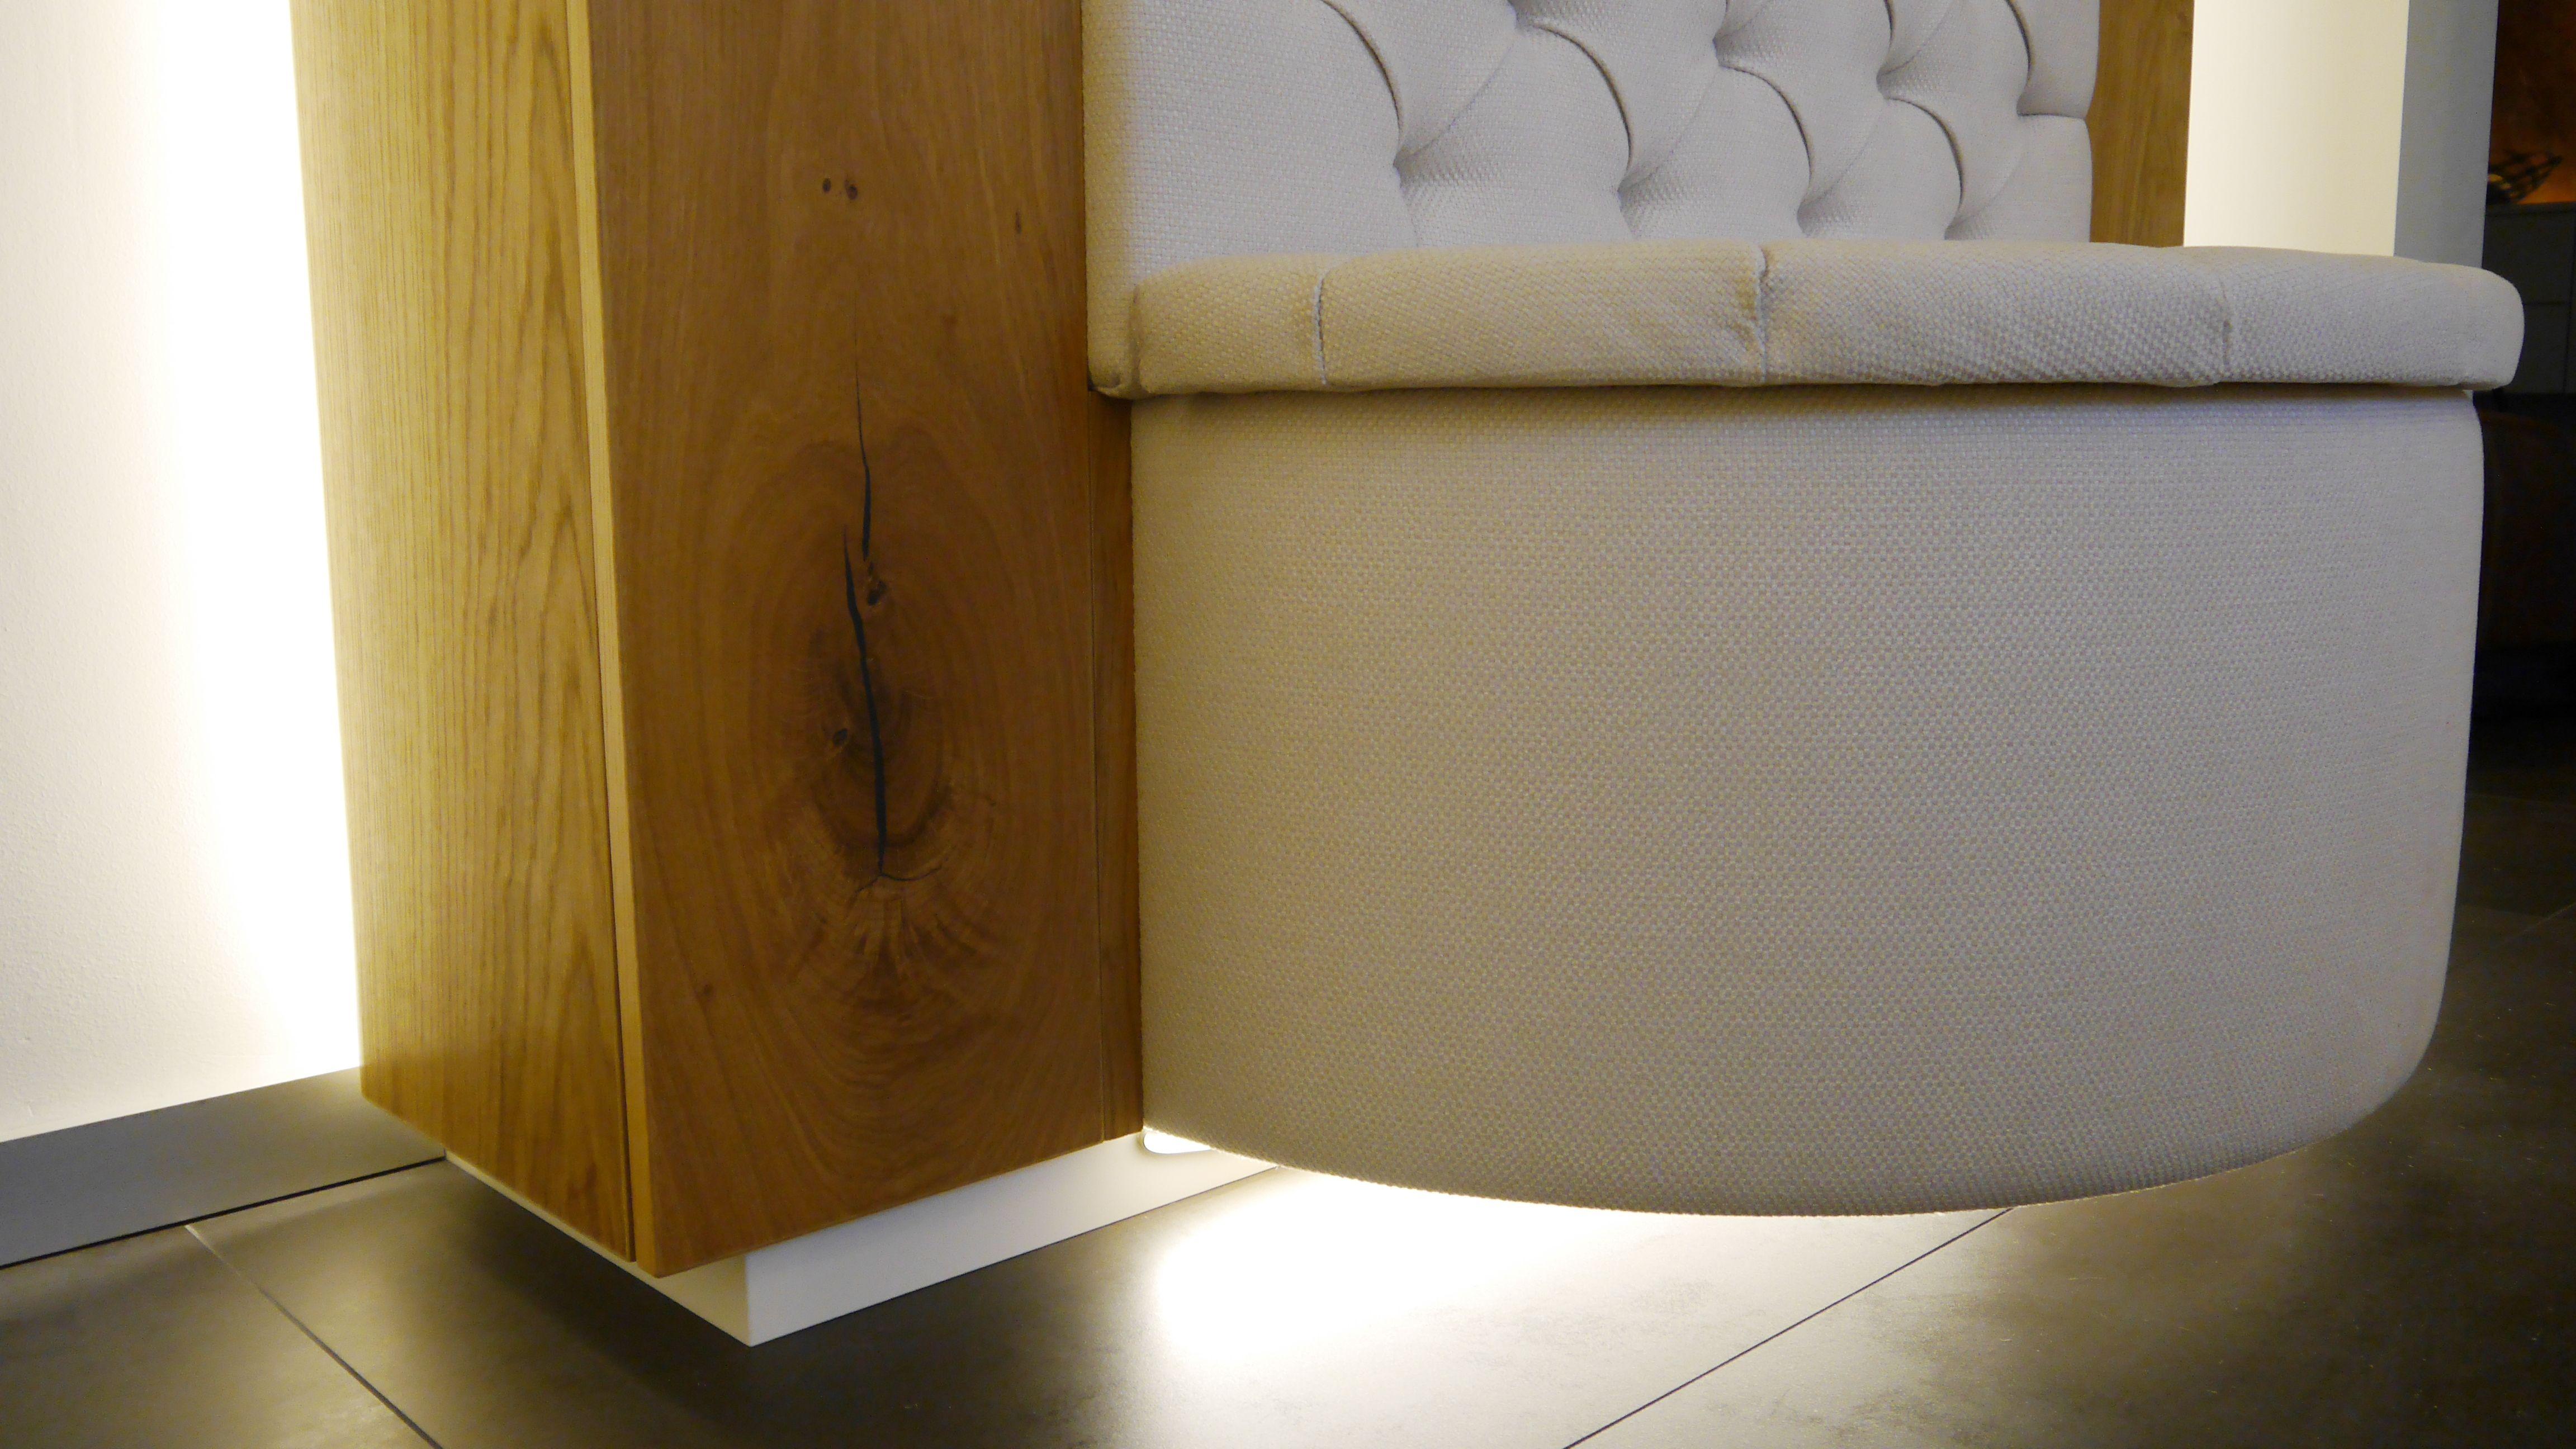 Sockelbeleuchtung Und Indirekte Beleuchtung Hinter Dem Mobel Innenarchitektur Mobel Nach Mass Innenturen